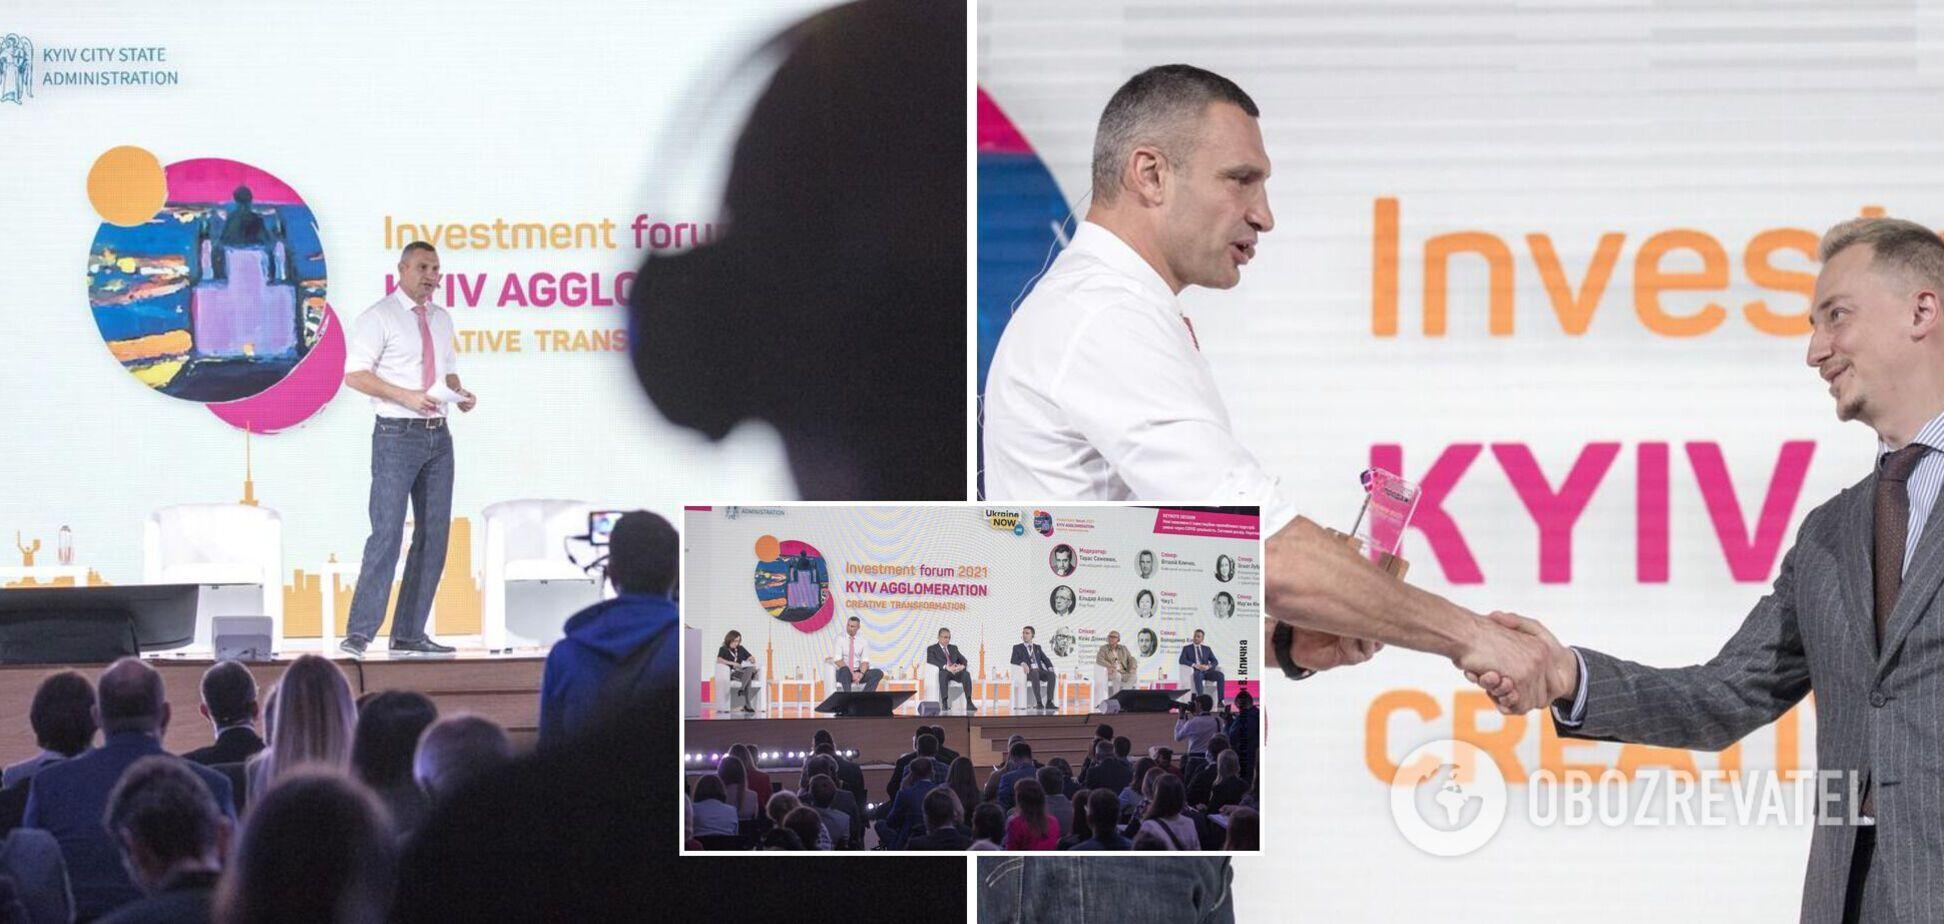 Кличко відкрив інвестиційний форум міста Києва